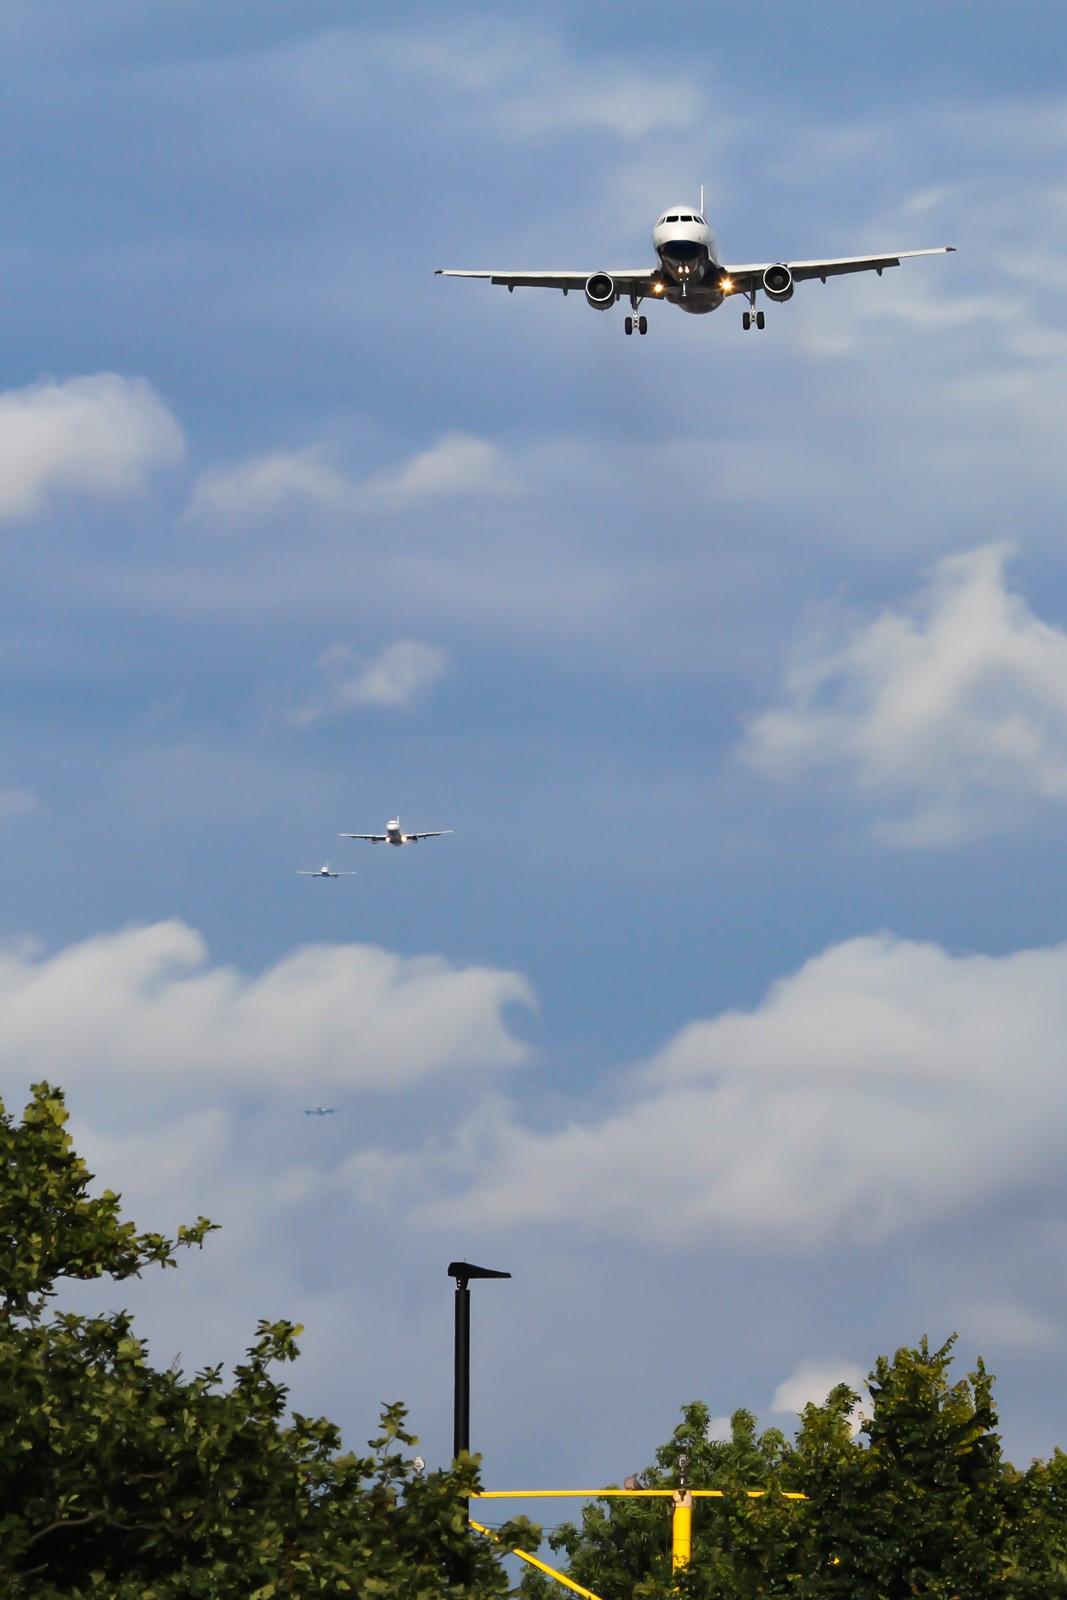 Re:[原创]【NKG/LHR/LCY/FFD/FAB/MAN/FRA/KIX】暑期临近尾声,大不列颠/霓虹流窜记回顾总结    英国伦敦希思罗机场